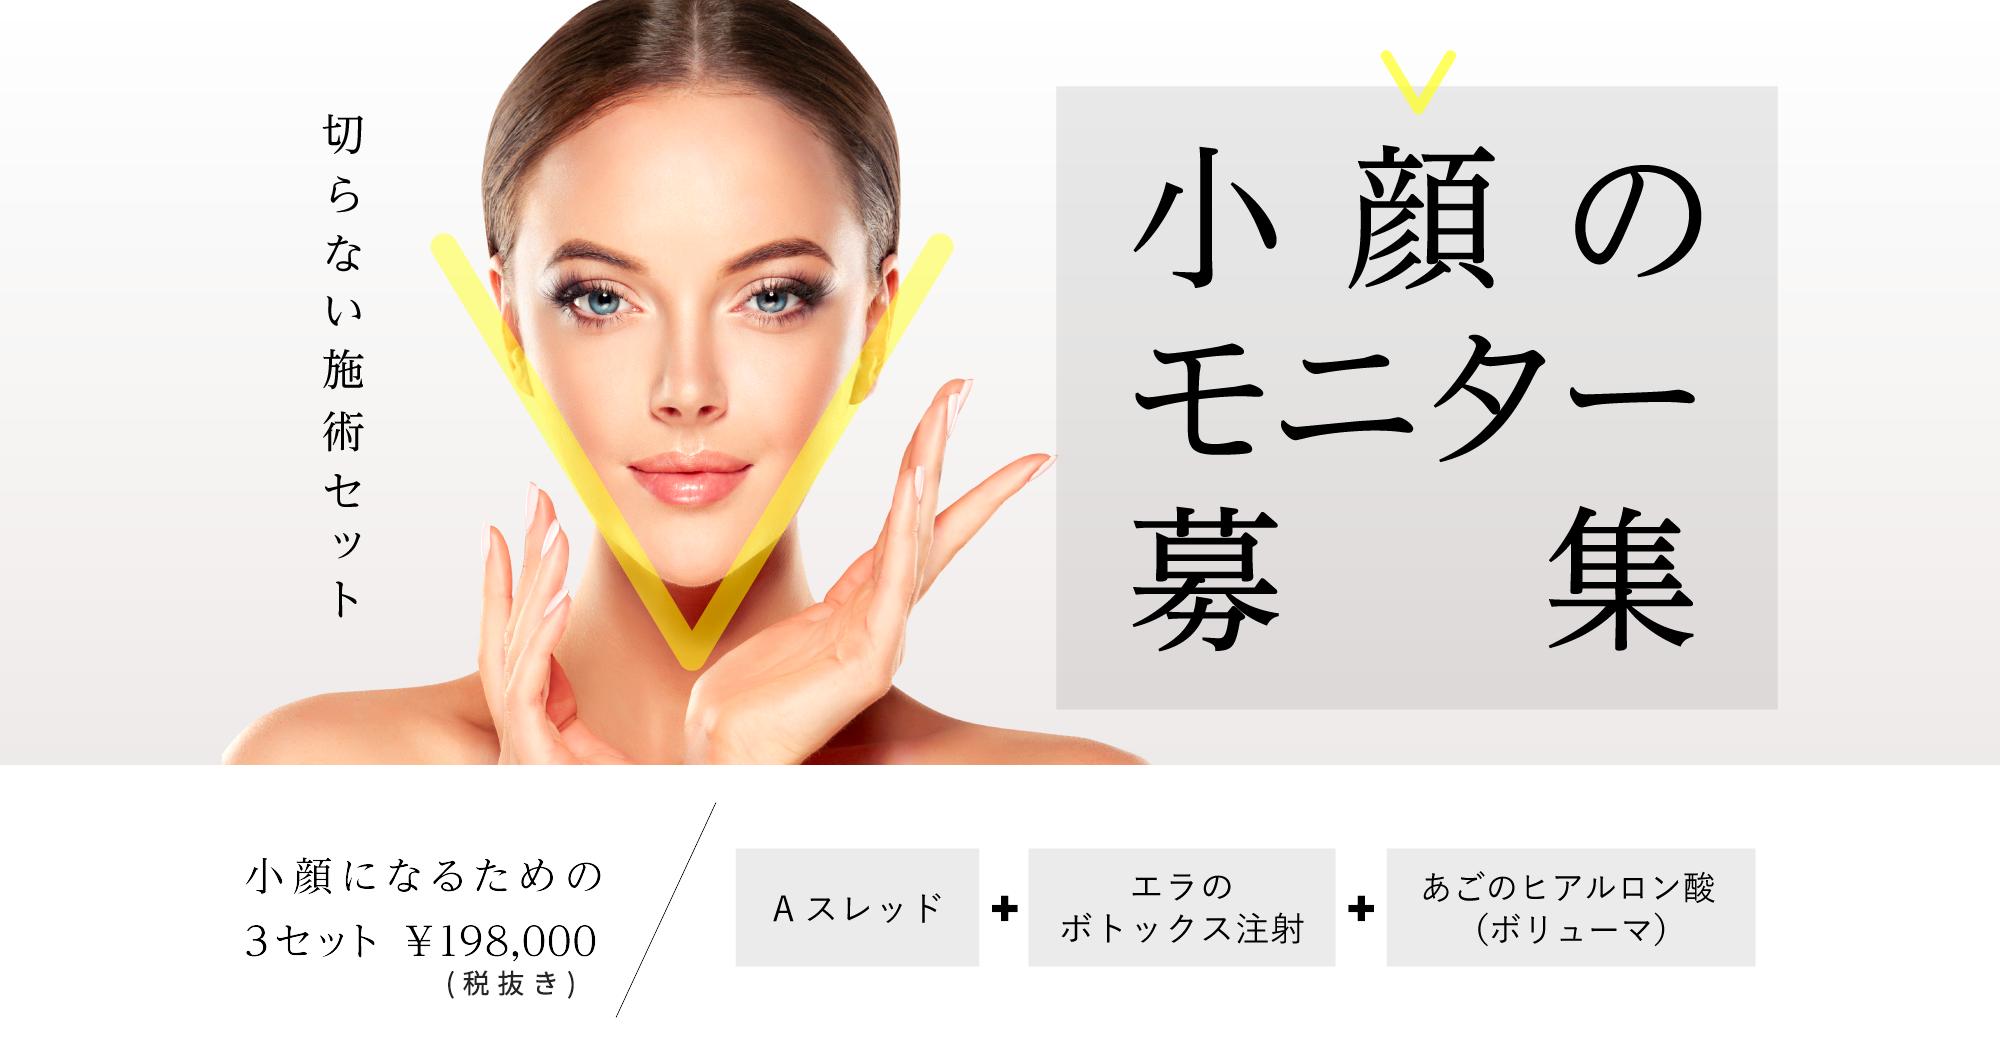 Vフェイス小顔輪郭形成術 モニター価格198,000円